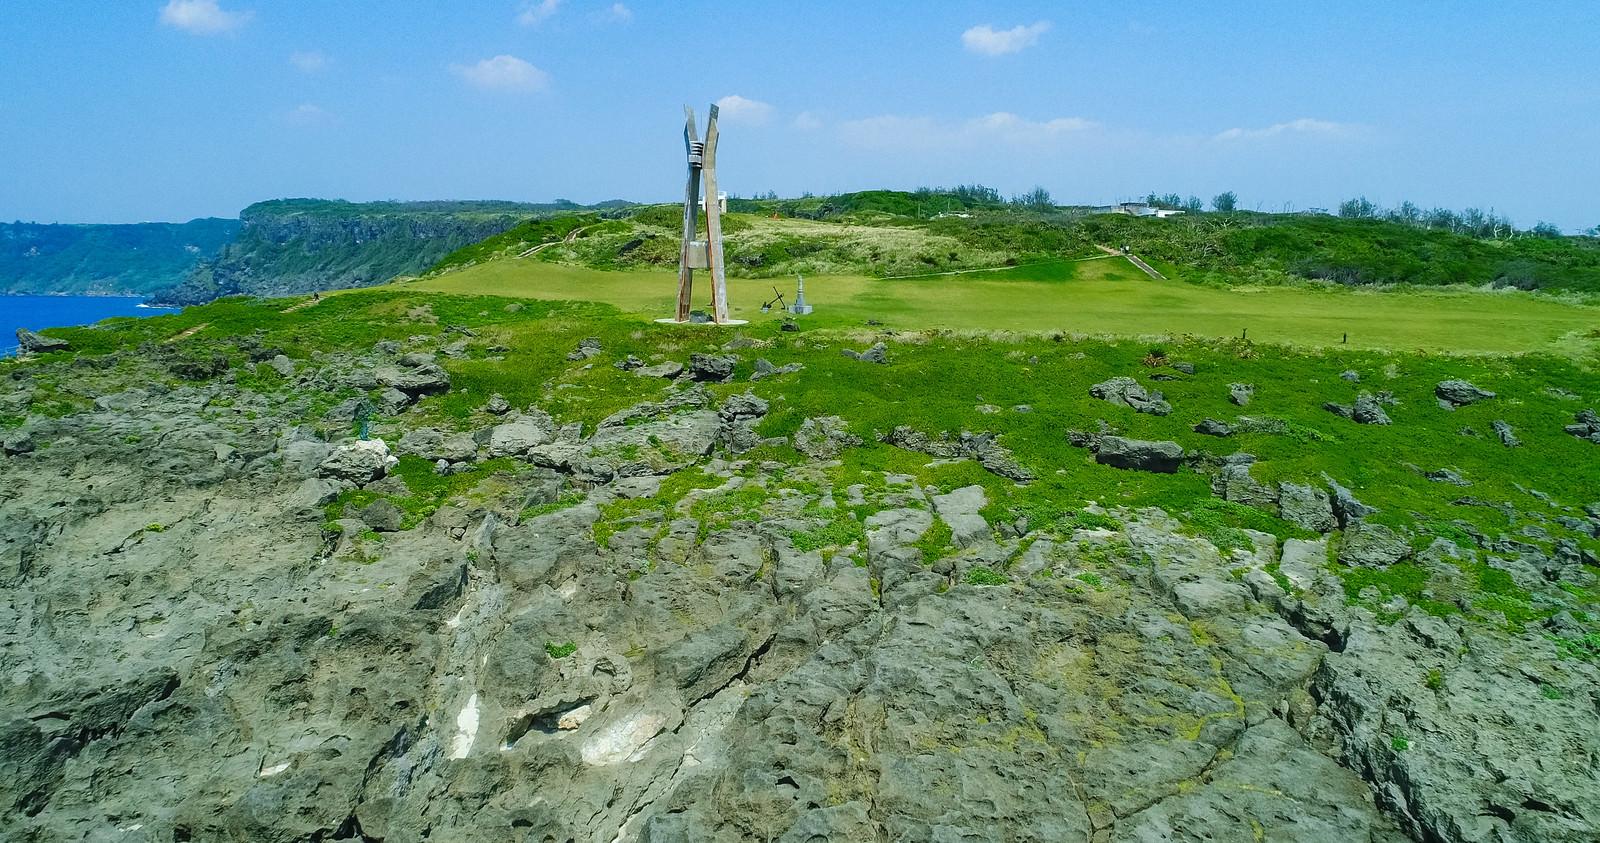 「奄美群島国立公園の戦艦大和慰霊塔」の写真